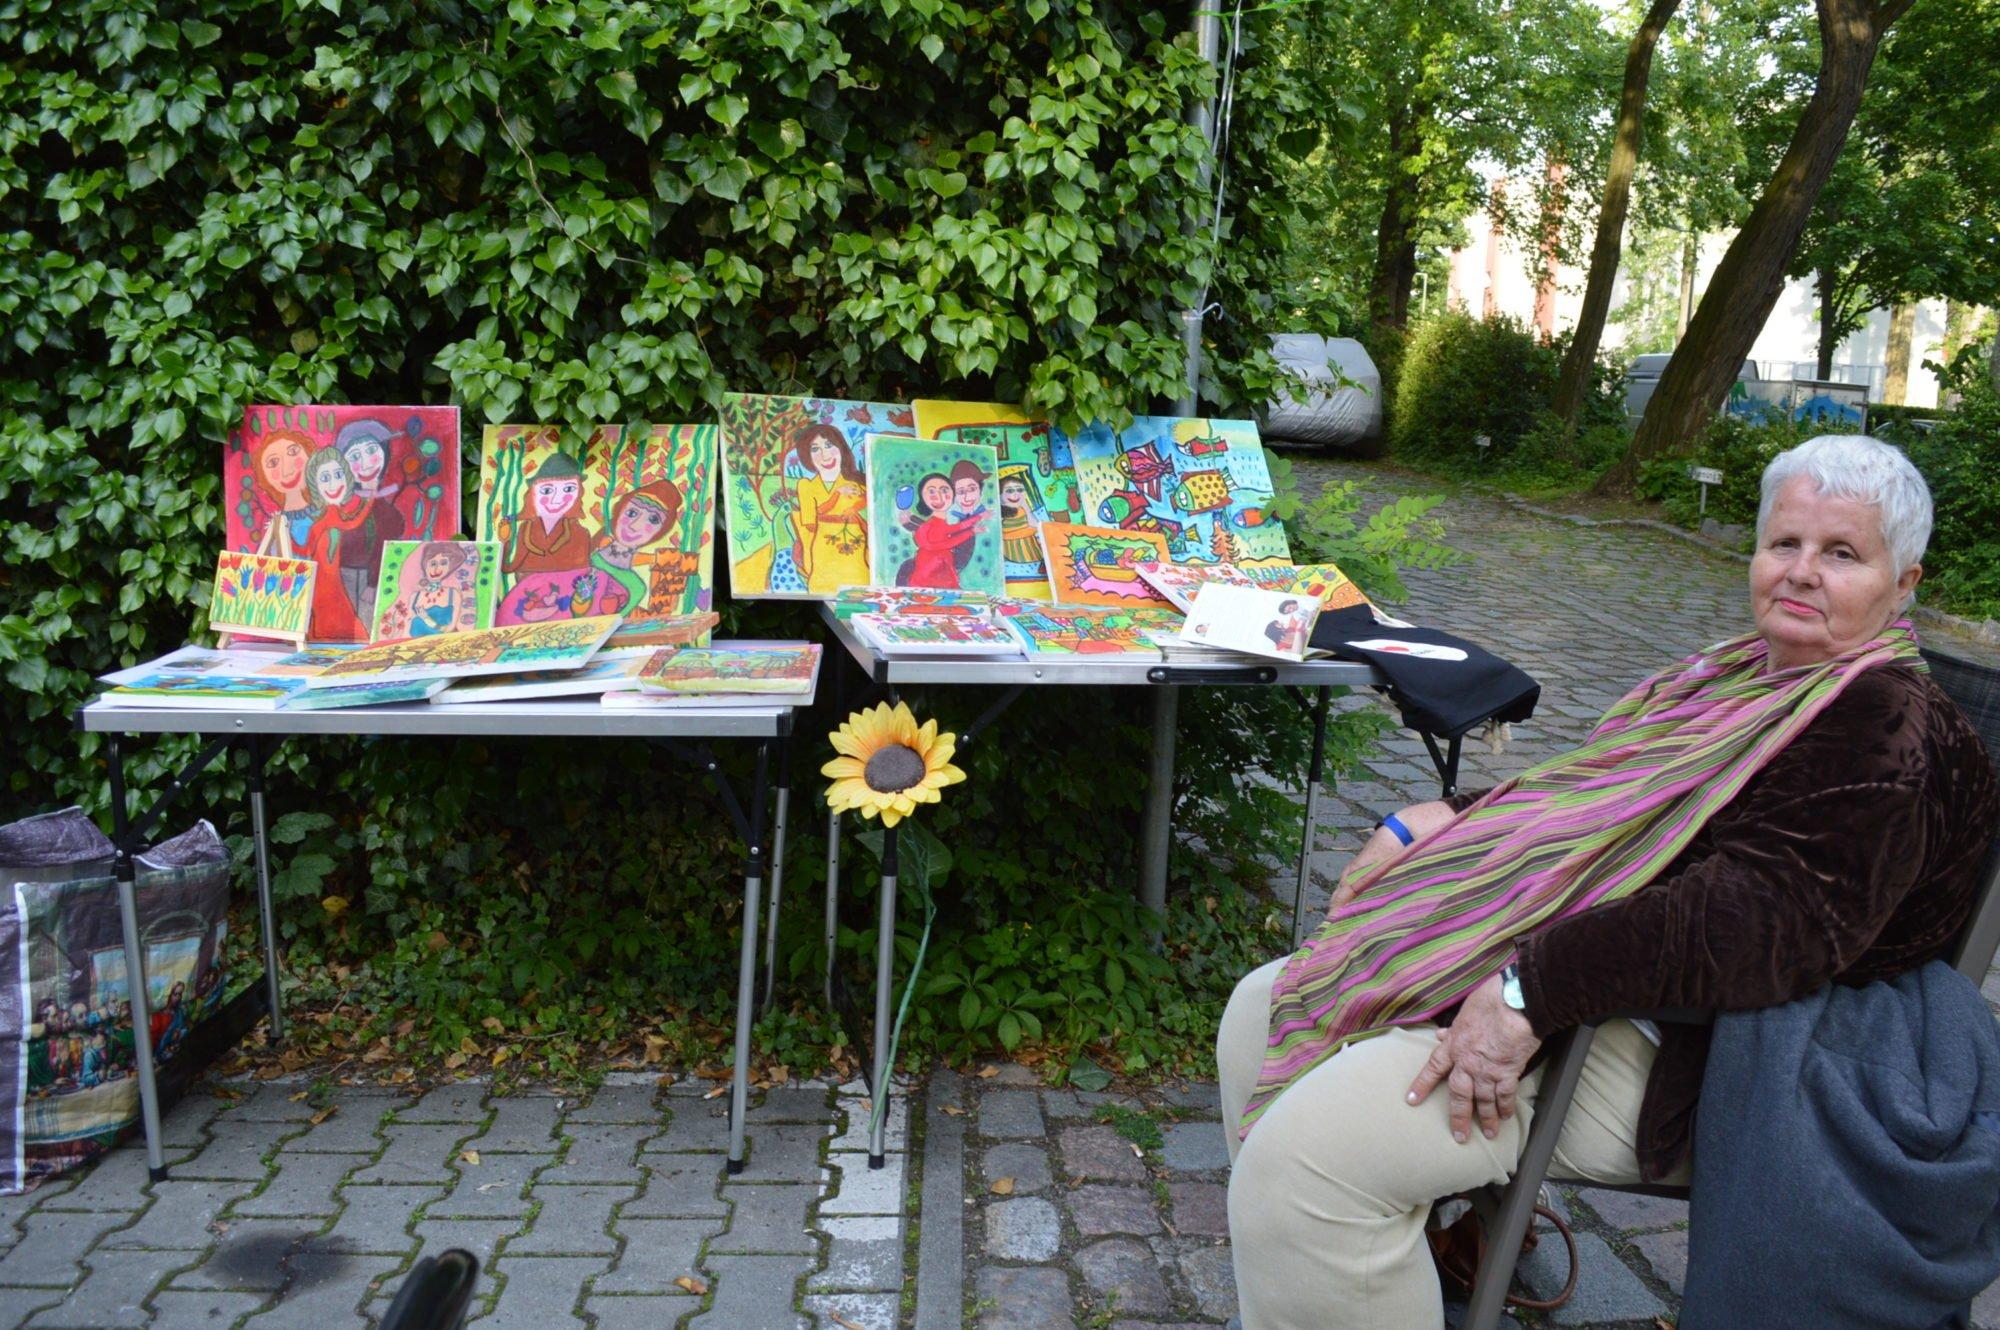 Mini-Kunstaustellung. Eine ältere Dame sitzt bei ihren selbstgemalten Bildern, die sie heute ausstellt.